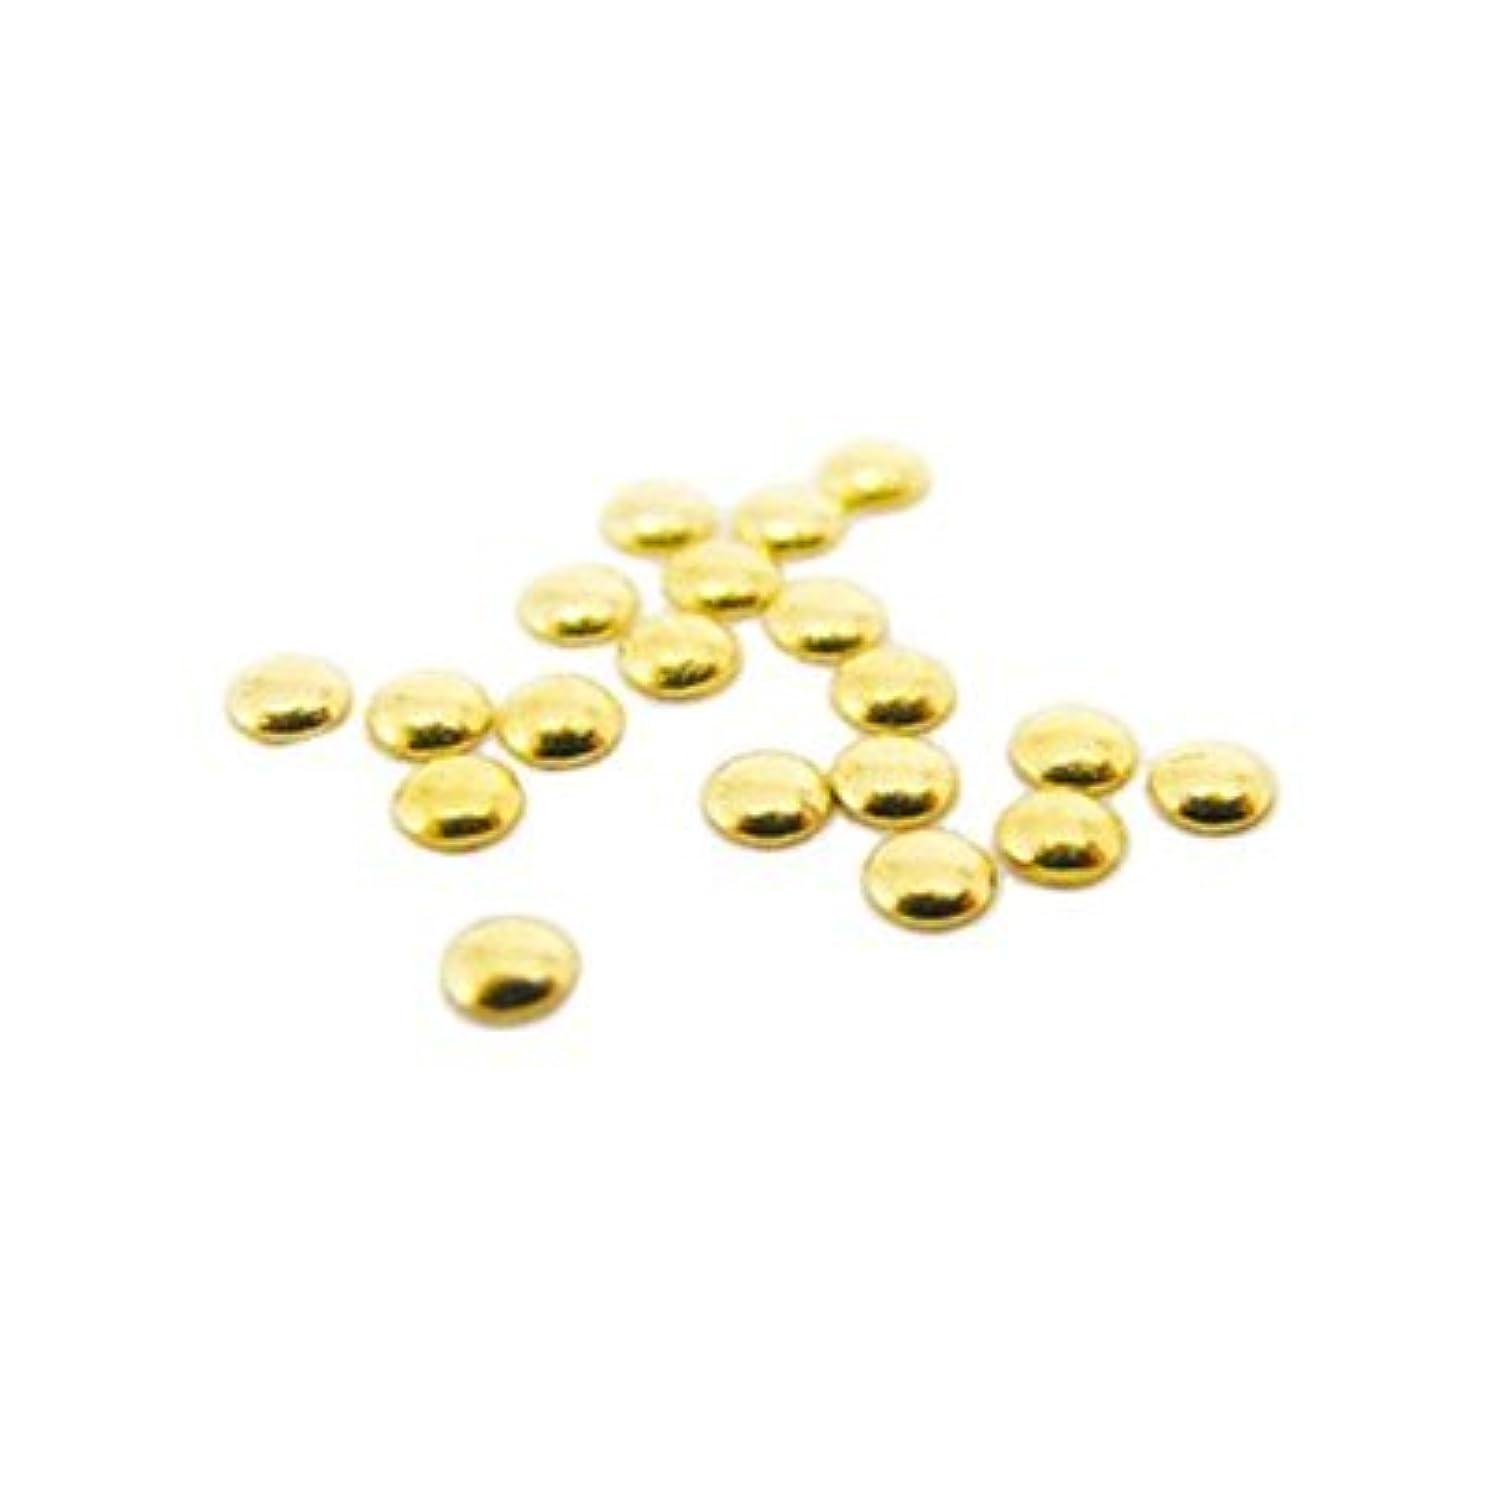 レギュラーガム豊富なピアドラ スタッズ 1.0mm 500P ゴールド